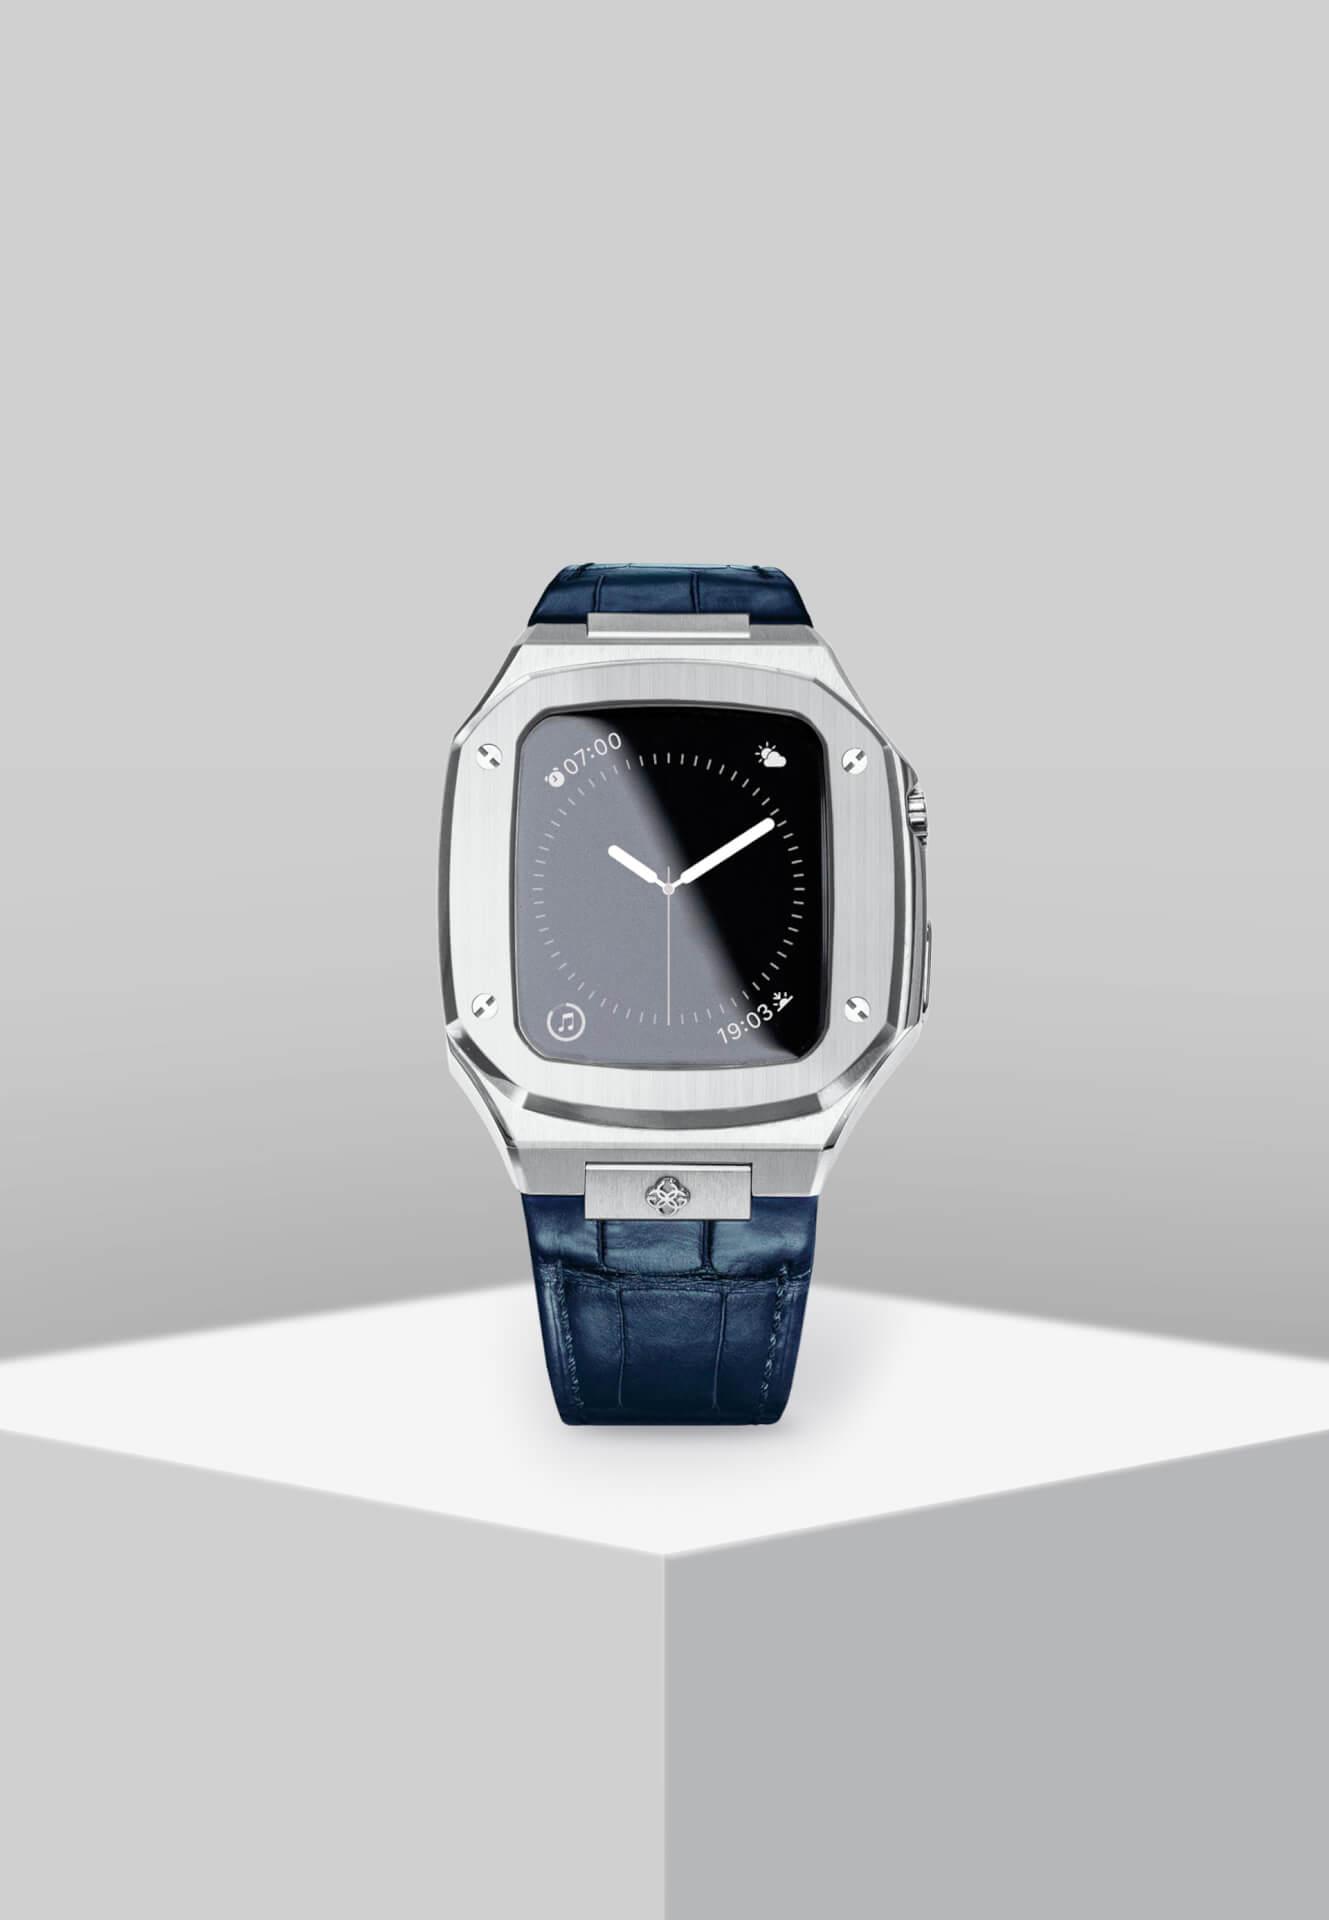 高級感漂うGOLDEN CONCEPTのApple Watchケースに待望の40mm用新コレクションが登場!ホワイト、イエローなどの新カラーがラインナップ tech201124_applewatch_case_3